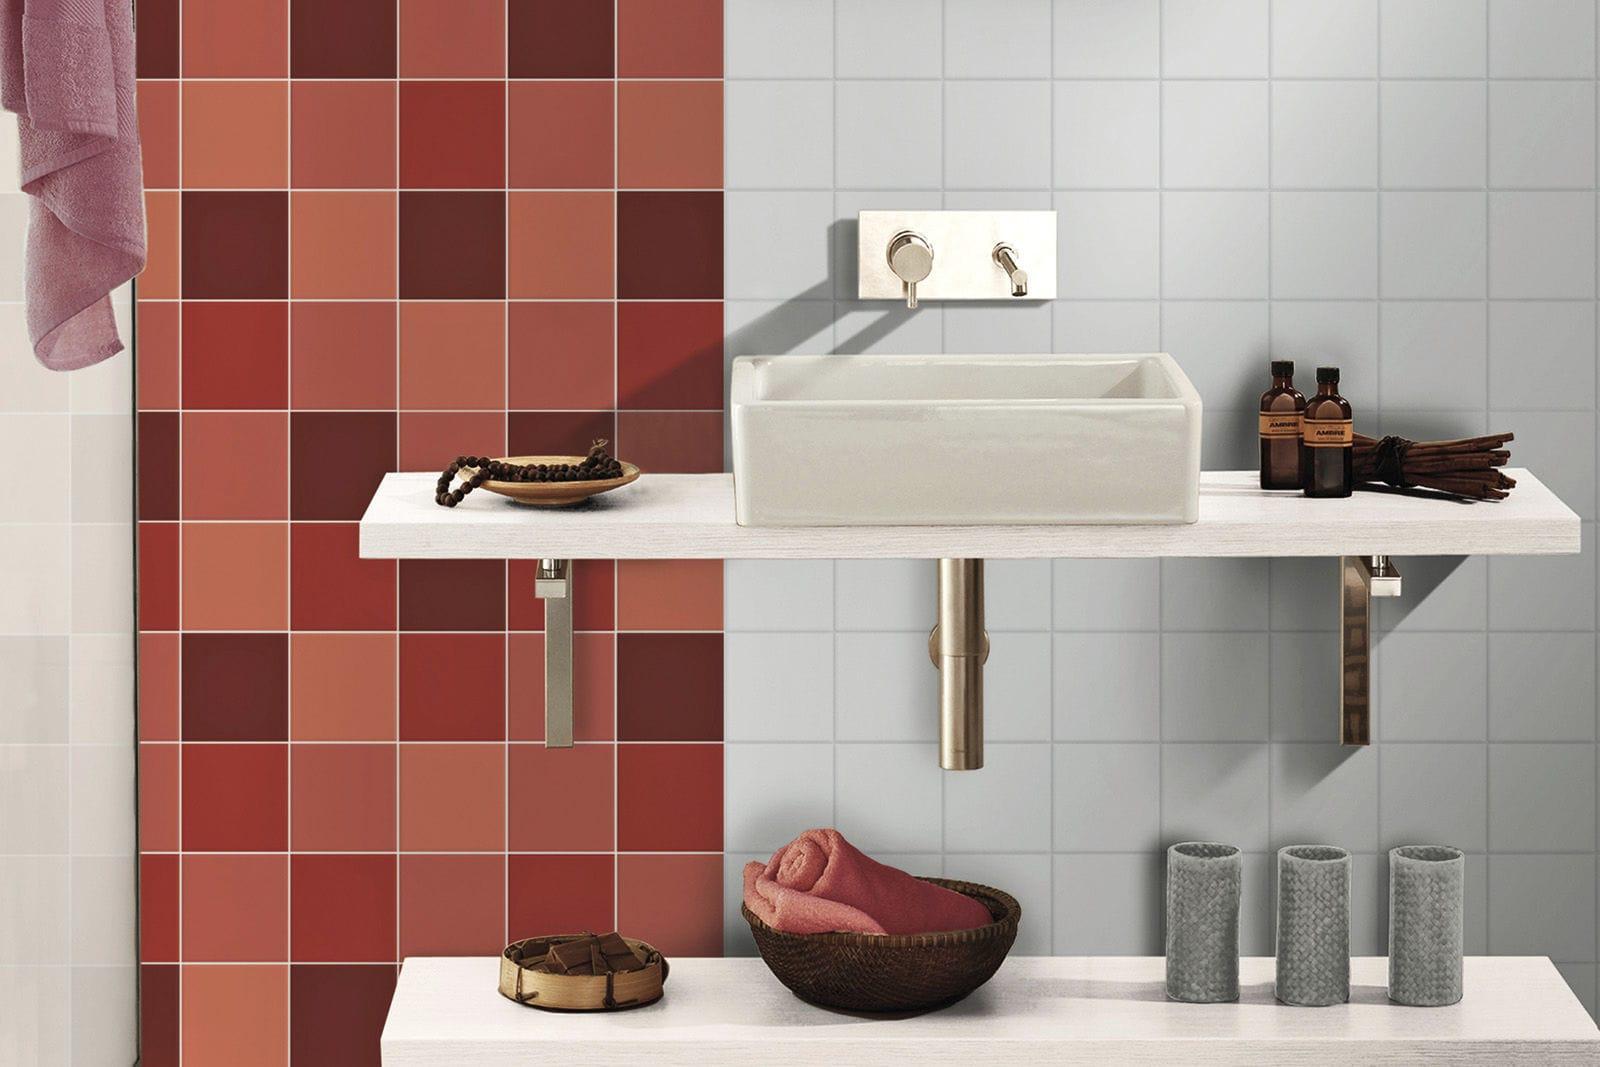 Küchenfliesen / für Wände / Keramik / uni - SPECTRUM - Sphinx Tiles